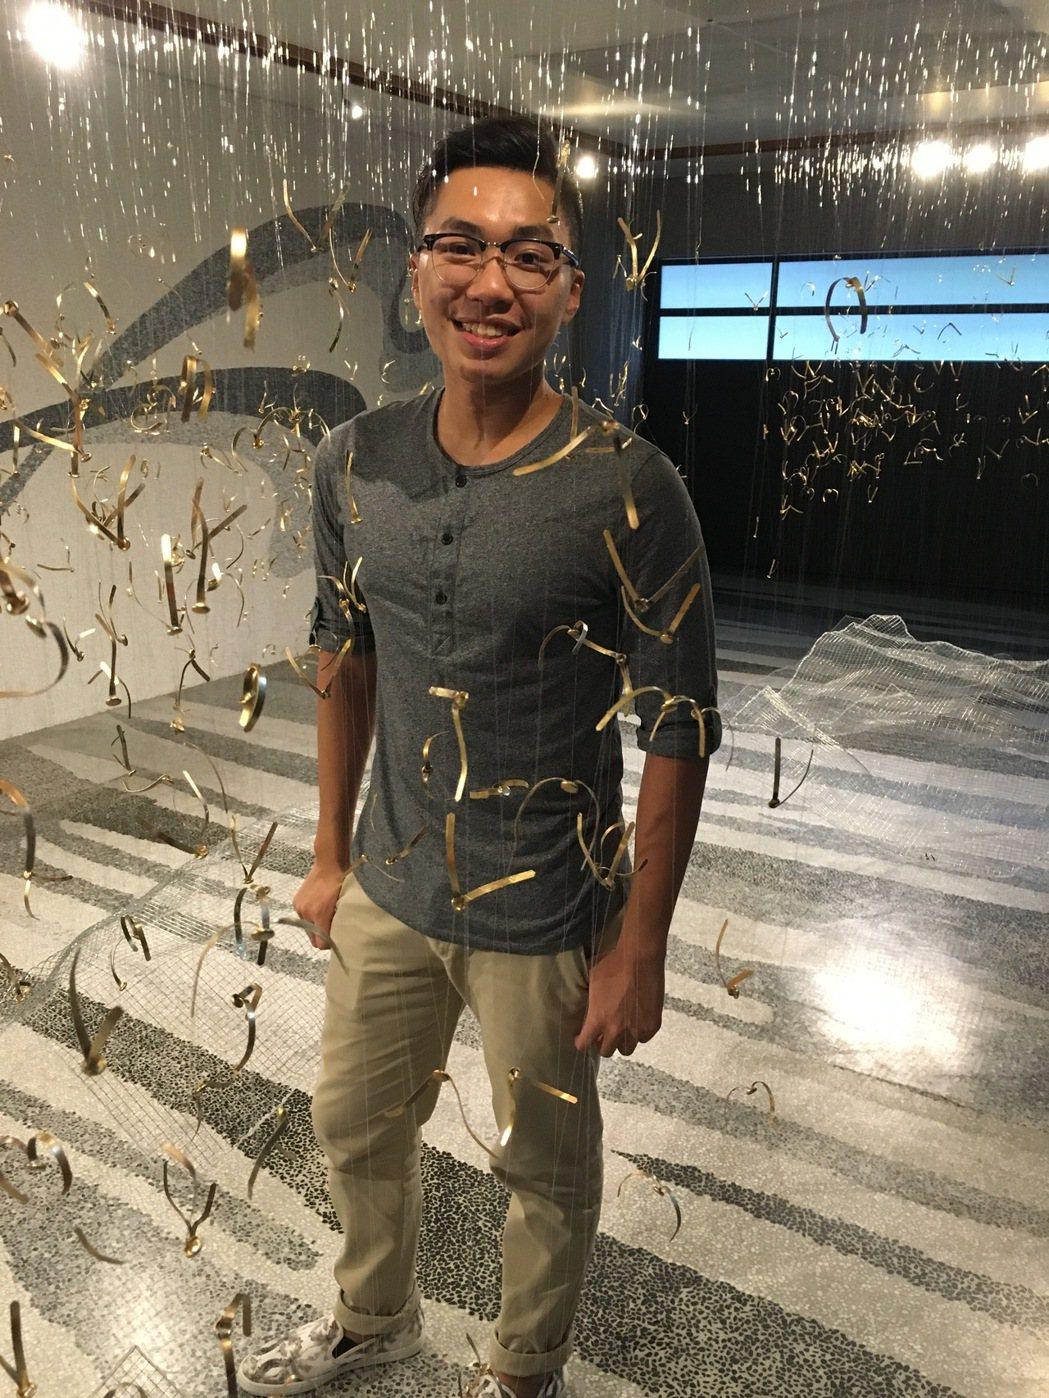 「歸巢」是藝術家游主業思鄉的一種抽象意念表現,6,000隻姿態各異的小鳥由外飛回...